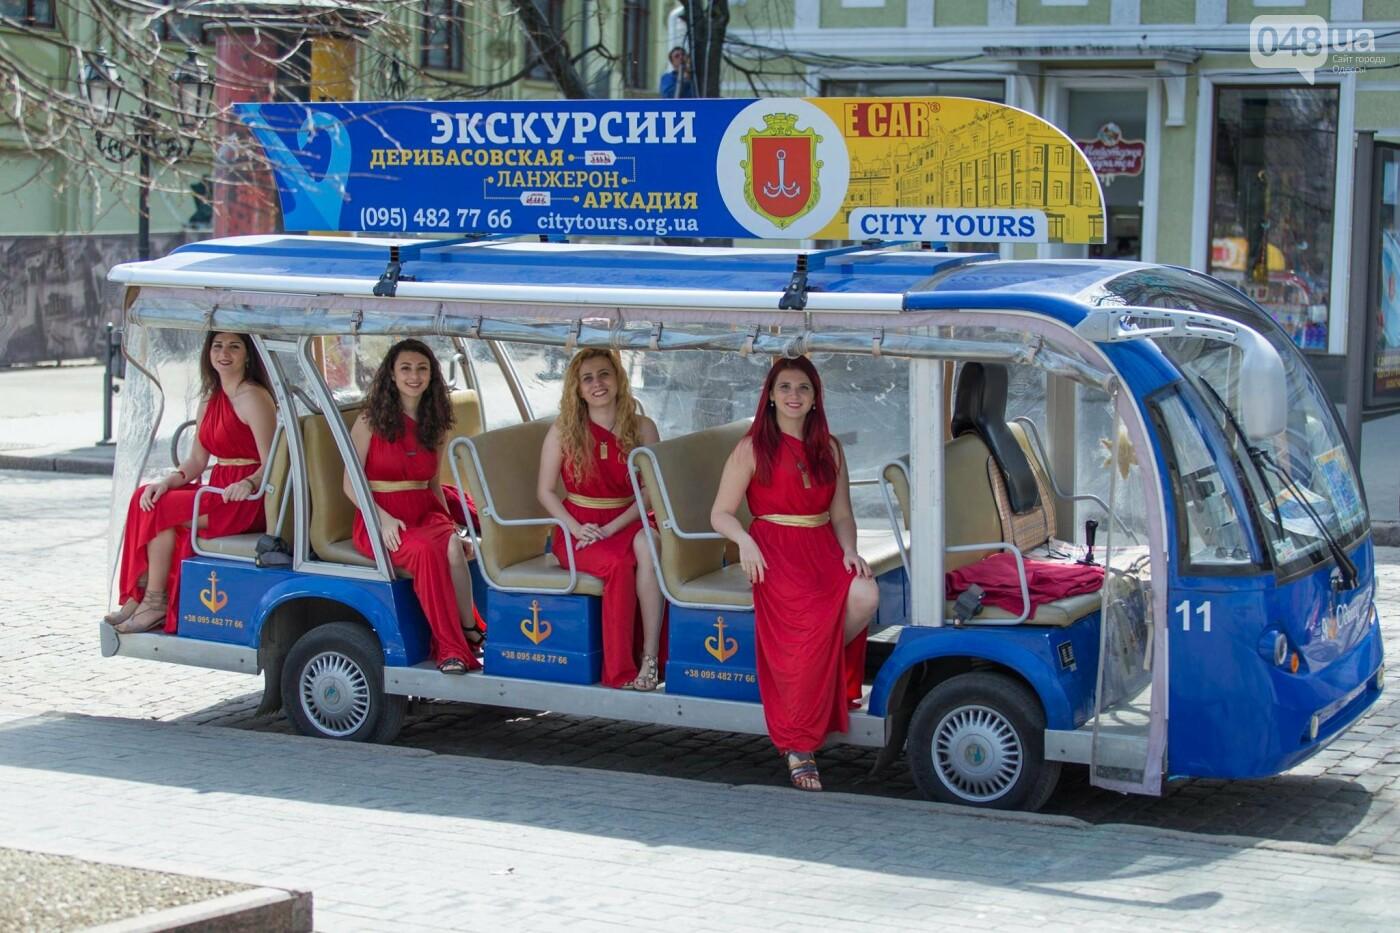 ТОП Экскурсий по Одессе, фото-54